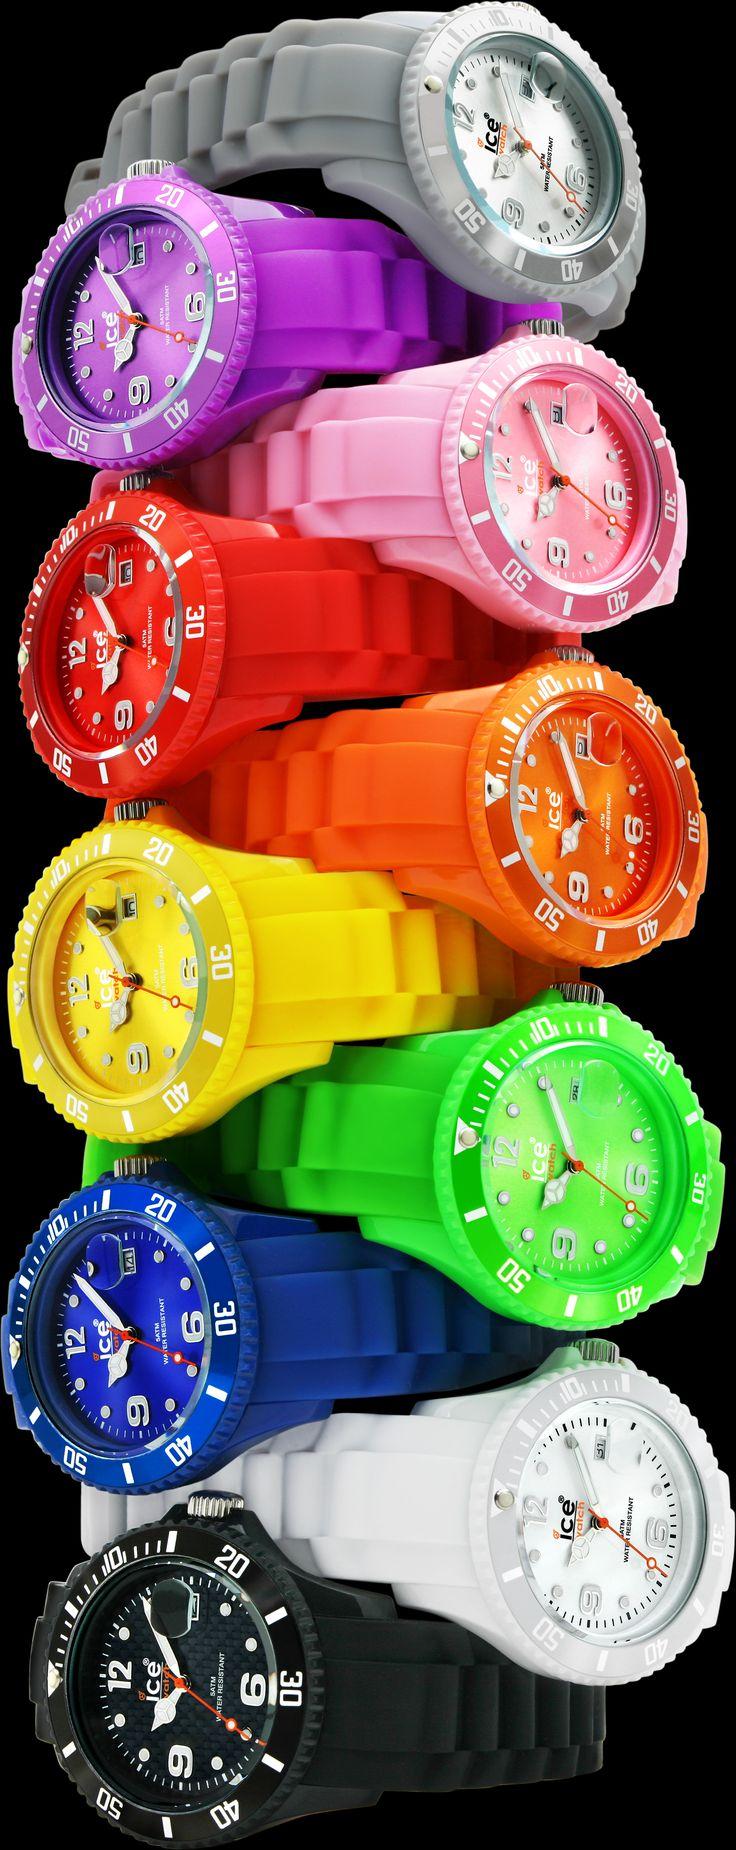 Dit heb ik gebruikt voor de inspiratie en hoe de vorm eruit ziet van een horloge. Omdat ik twee horloges uit mijn hoofd liet komen.